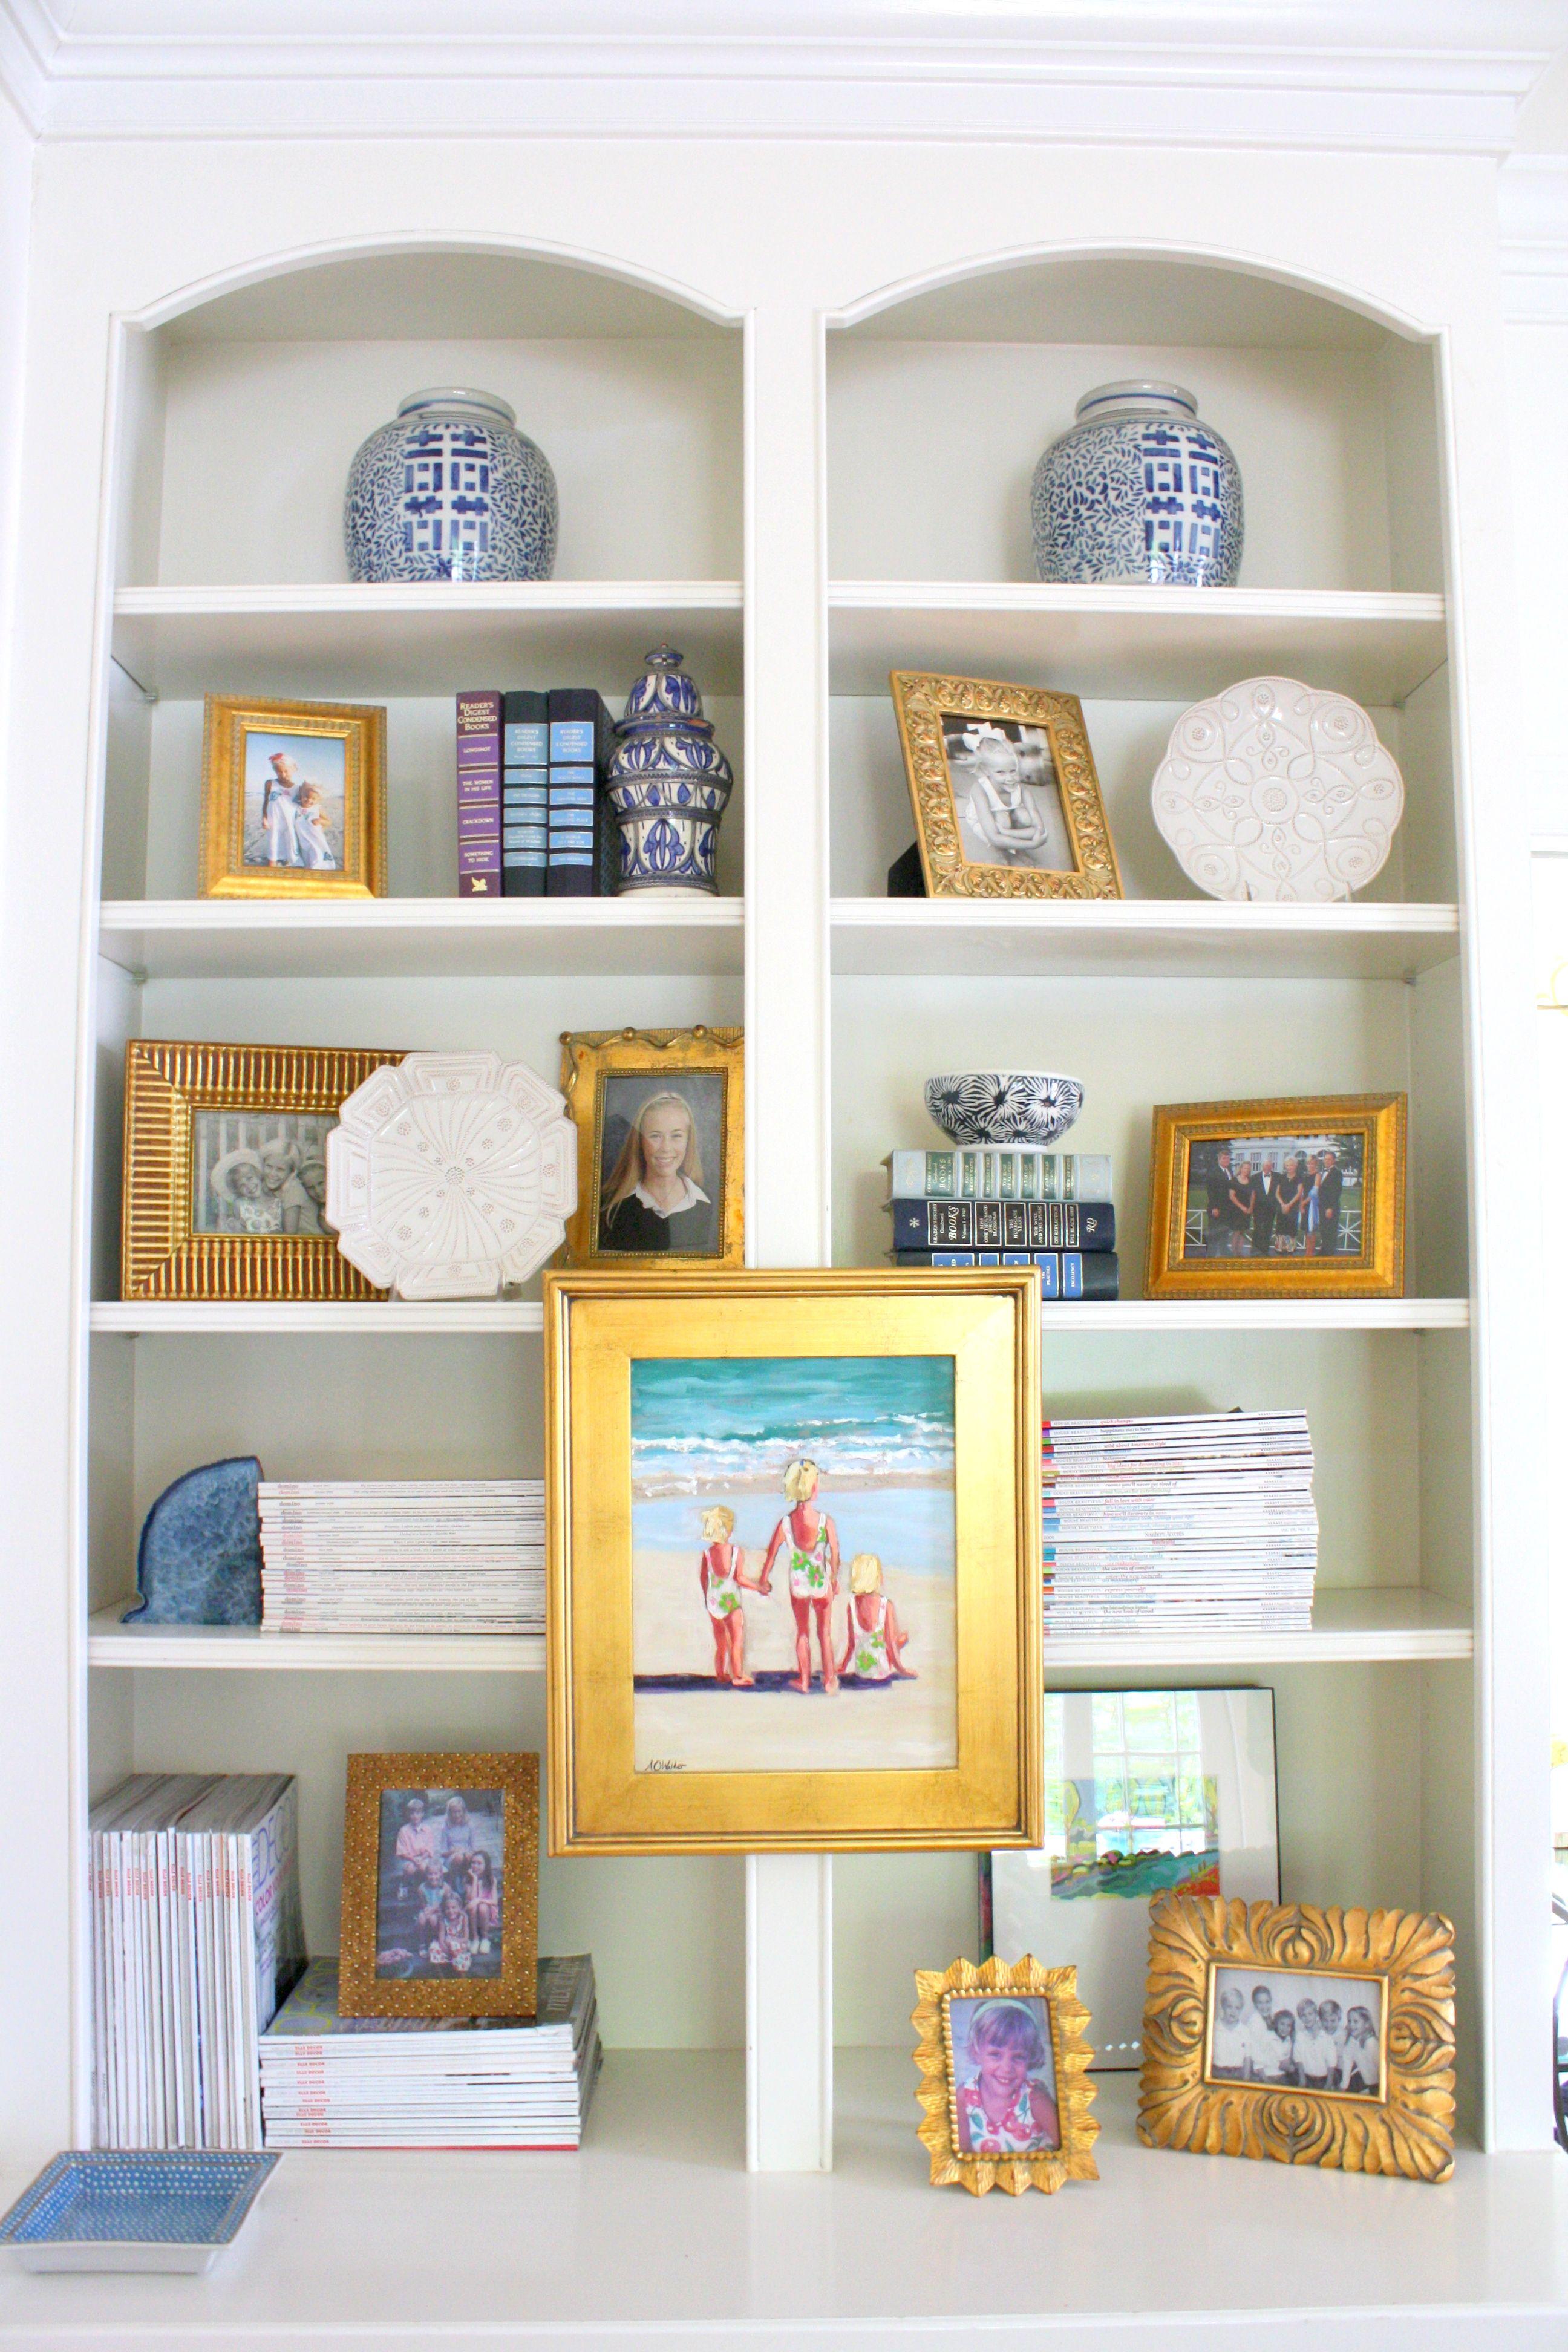 More bookshelf ideas